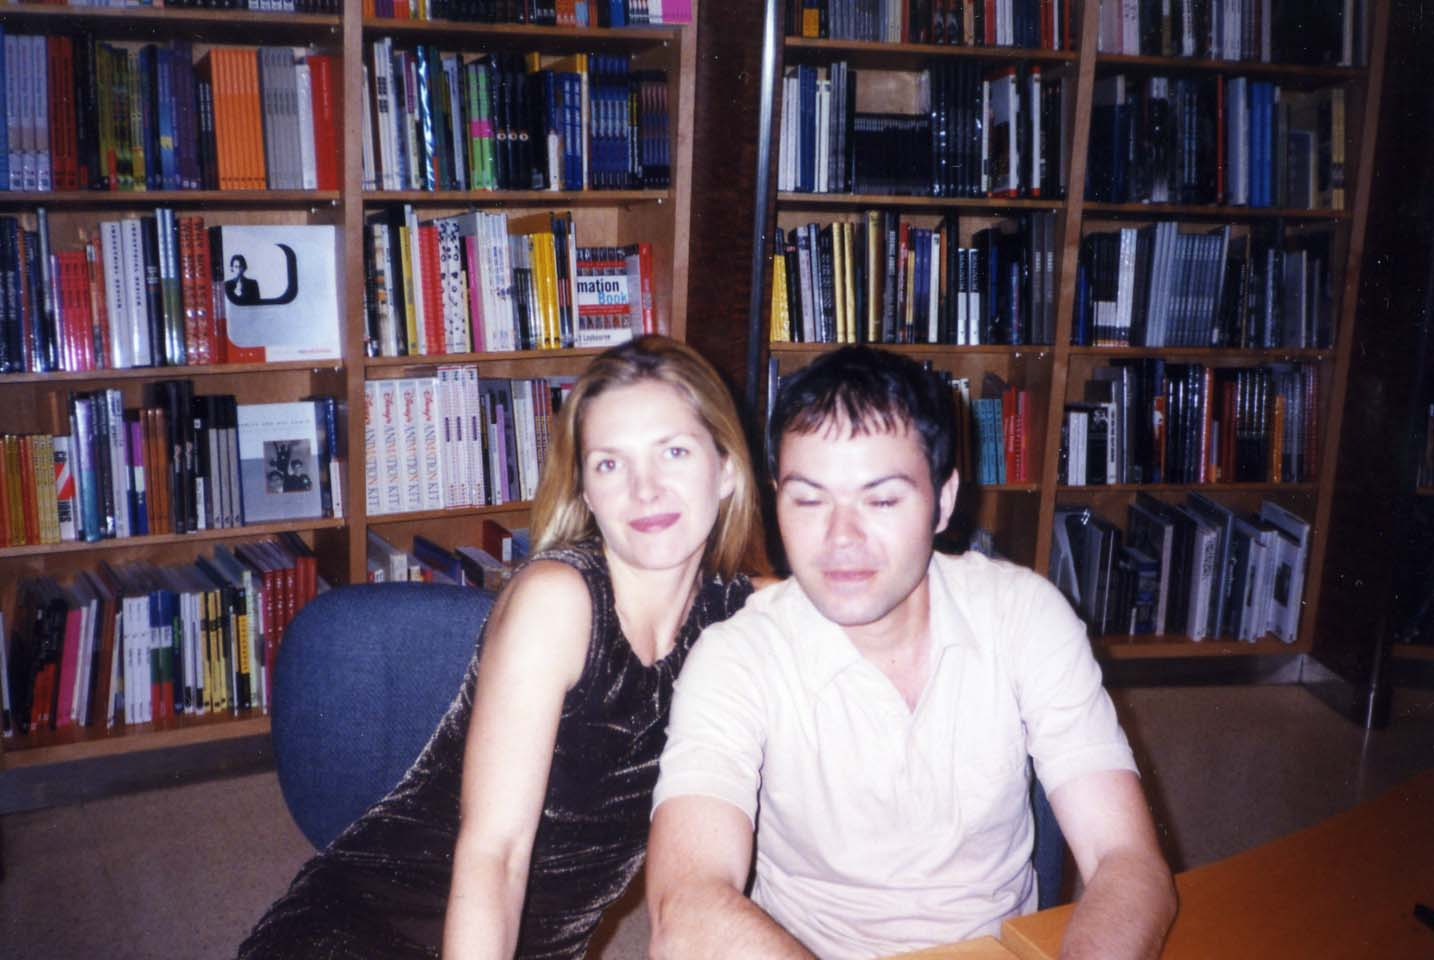 http://3.bp.blogspot.com/_nw8fcHV1bdE/S-tZCSO0plI/AAAAAAAAHzw/u6GPadYALLU/s1600/Saint+Etienne+Los+Angeles+June+1999+Virgin+Megastore.jpg